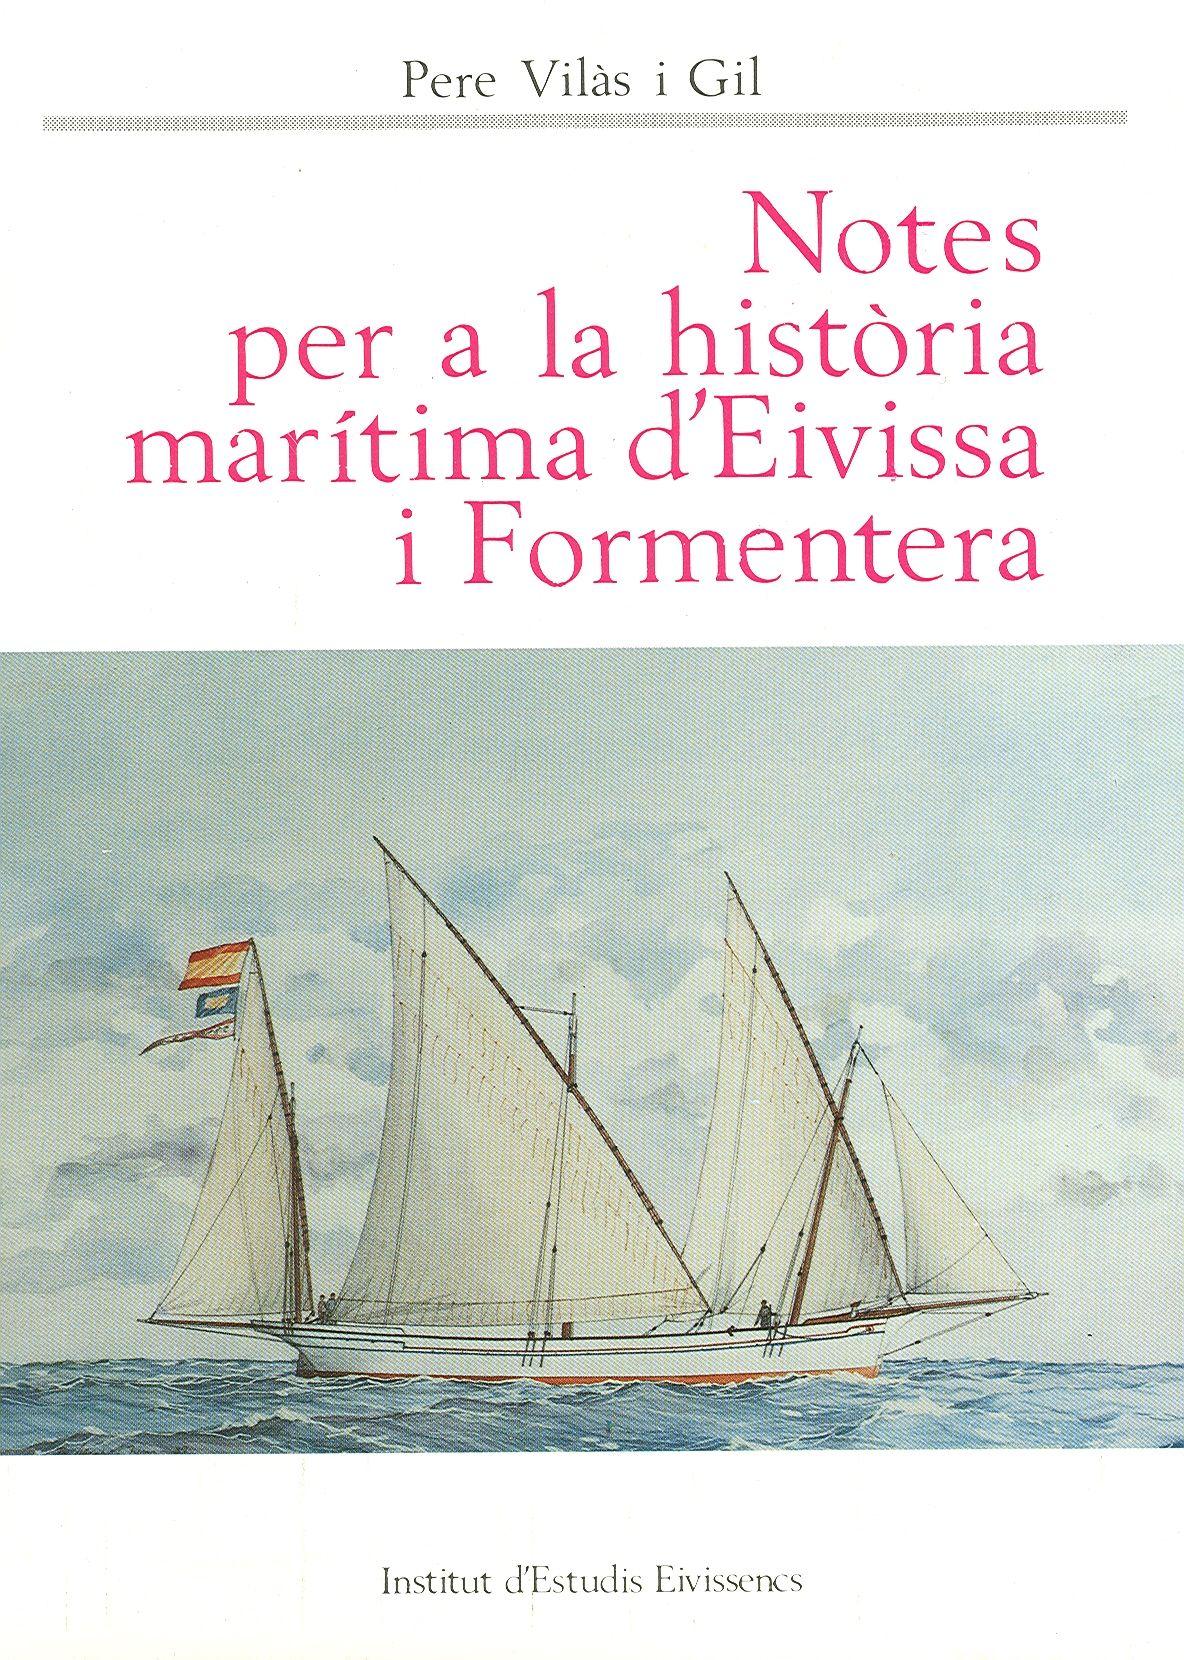 Notes per a la història marítima d'Eivissa i Formentera